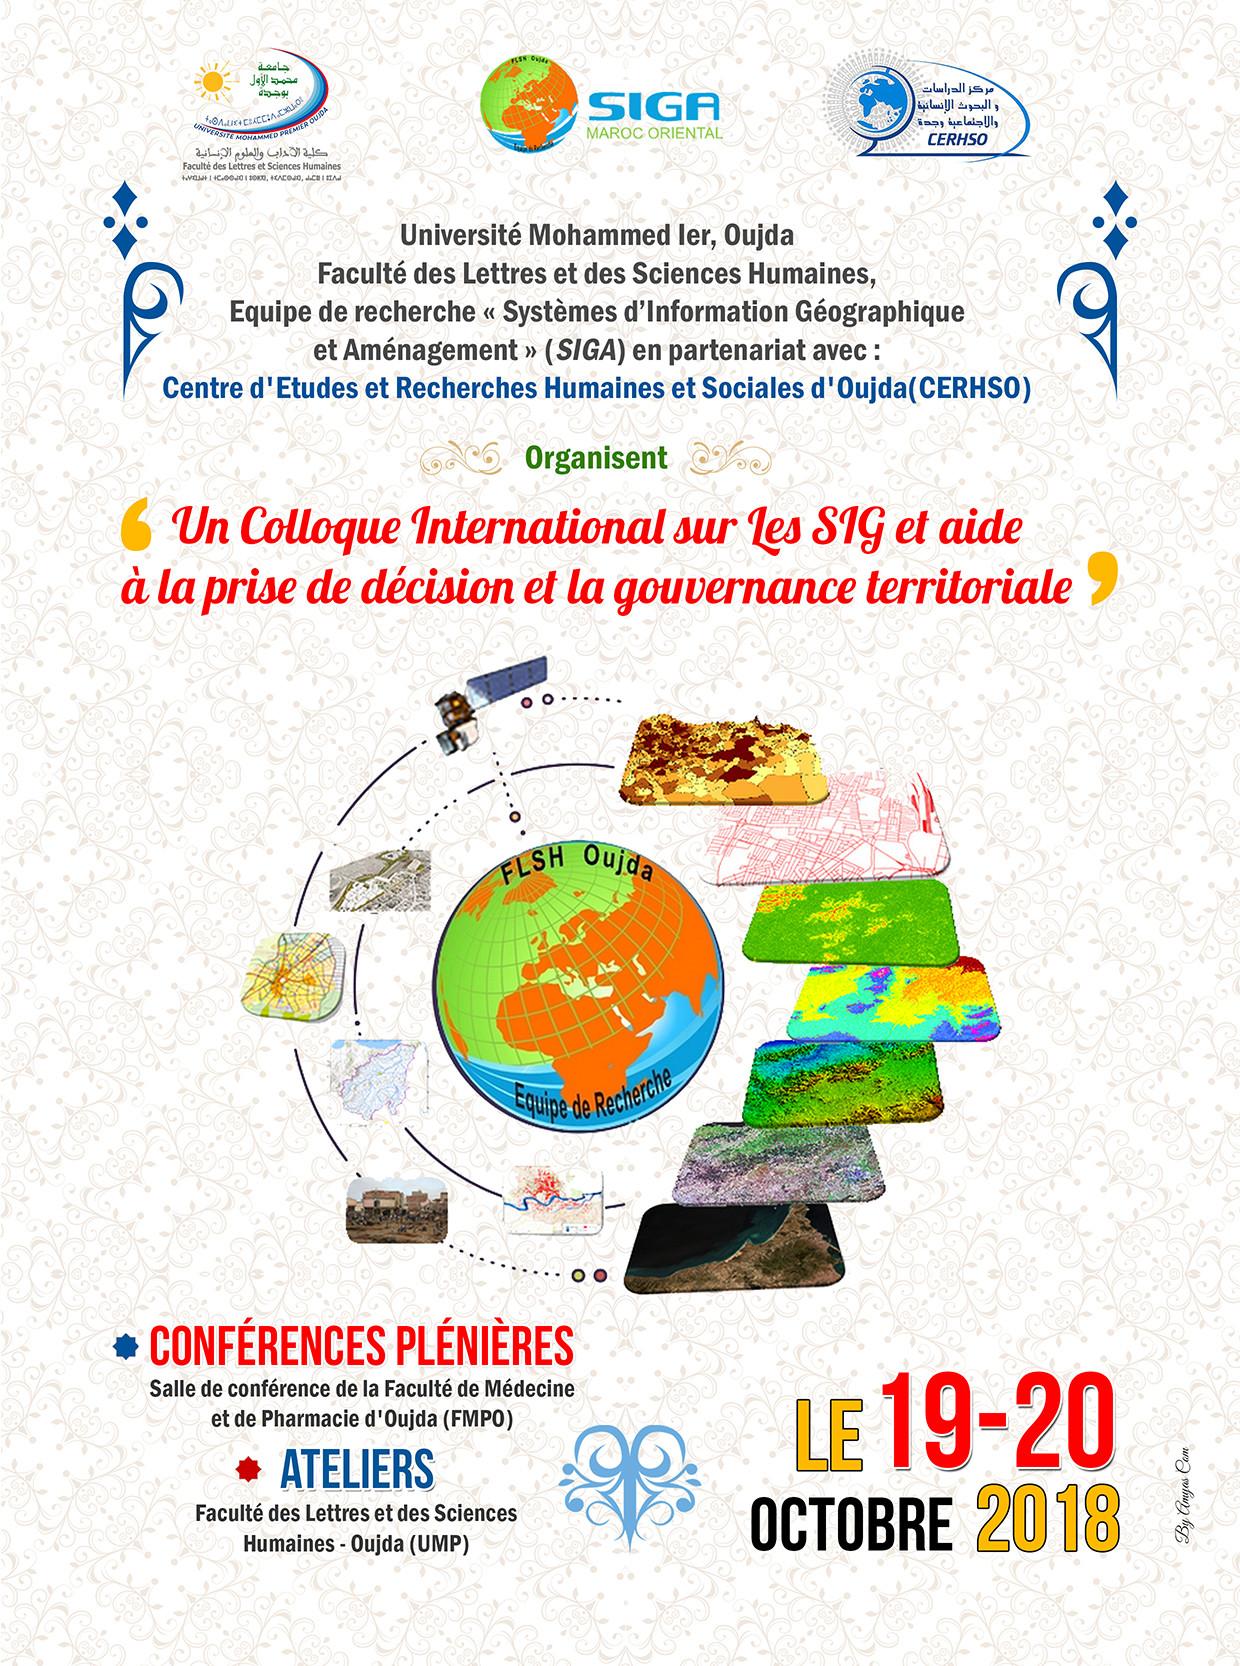 Un Colloque International sur Les SIG et aide à la prise de décision et à la gouvernance territoriale